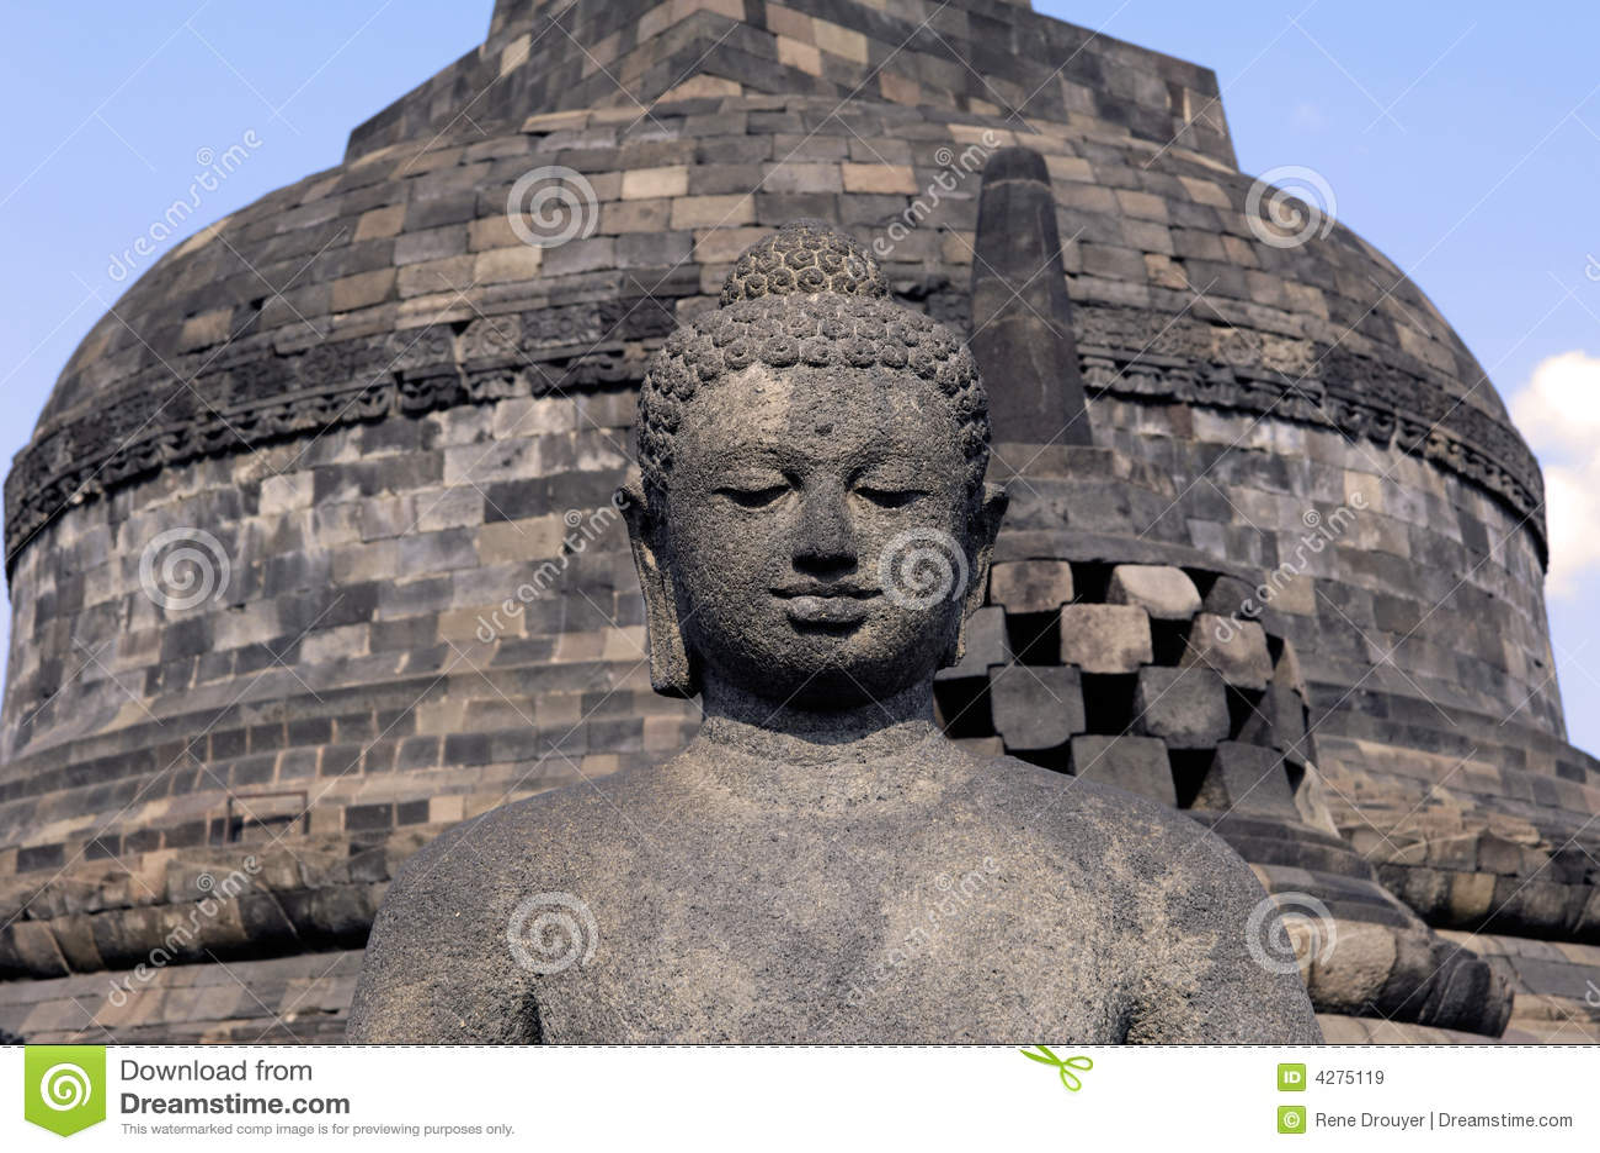 Indonesia, Java, Borobudur: Templo